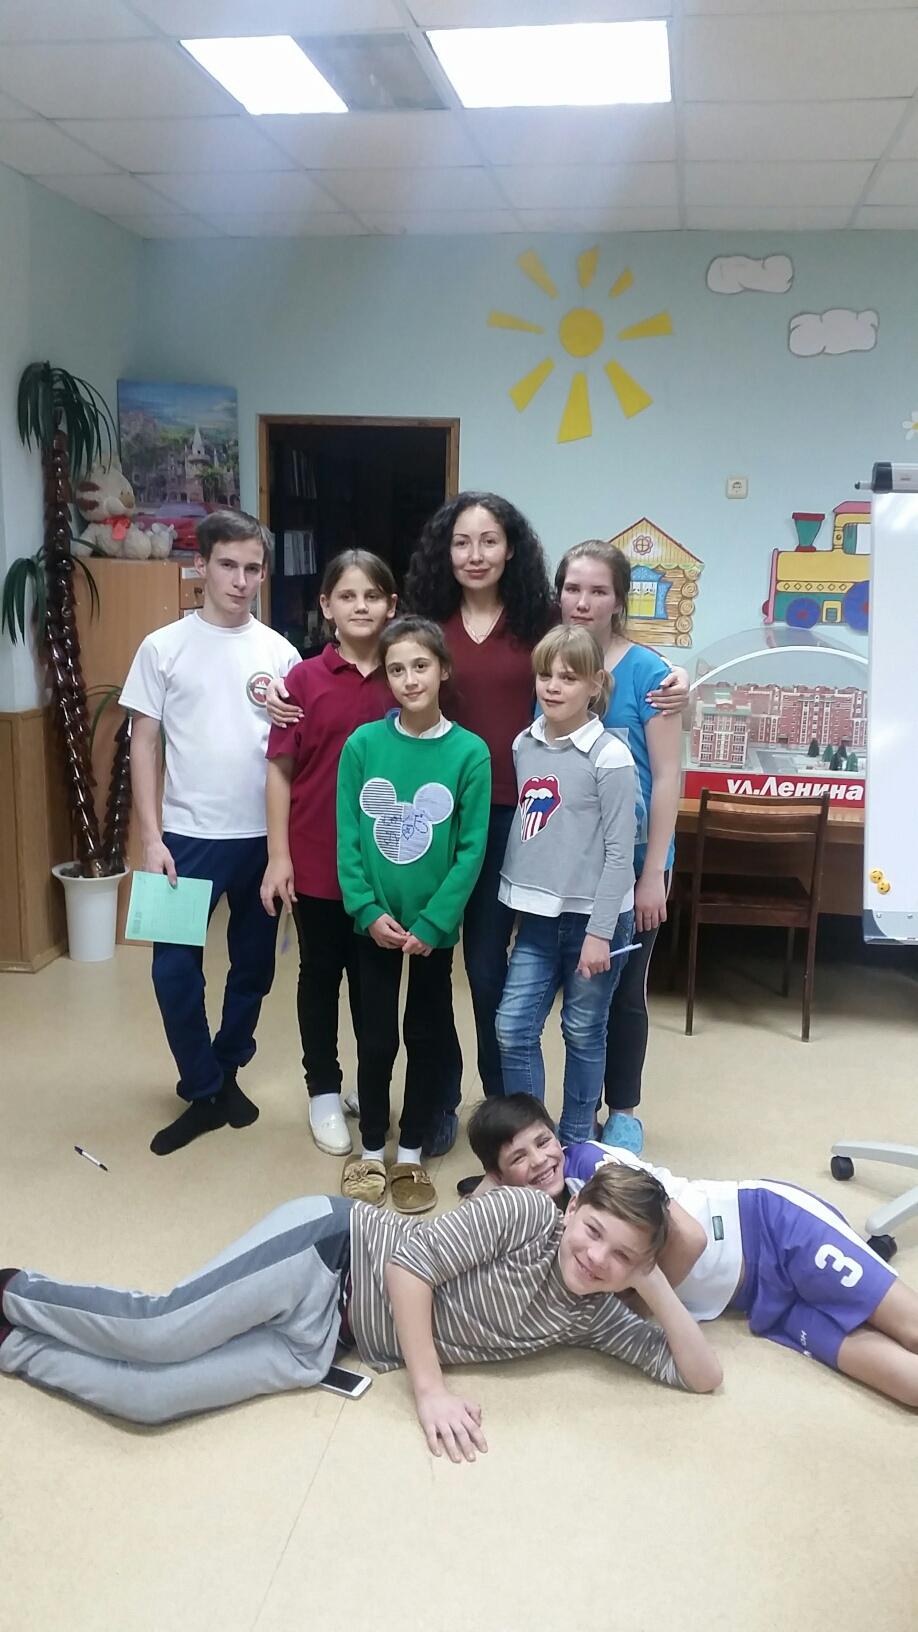 Новый курс «PRO Развитие талантов» стартовал в досугово-просветительском центре «Аэлита Family». Ведет его приглашенный спикер Лиана Комарова.